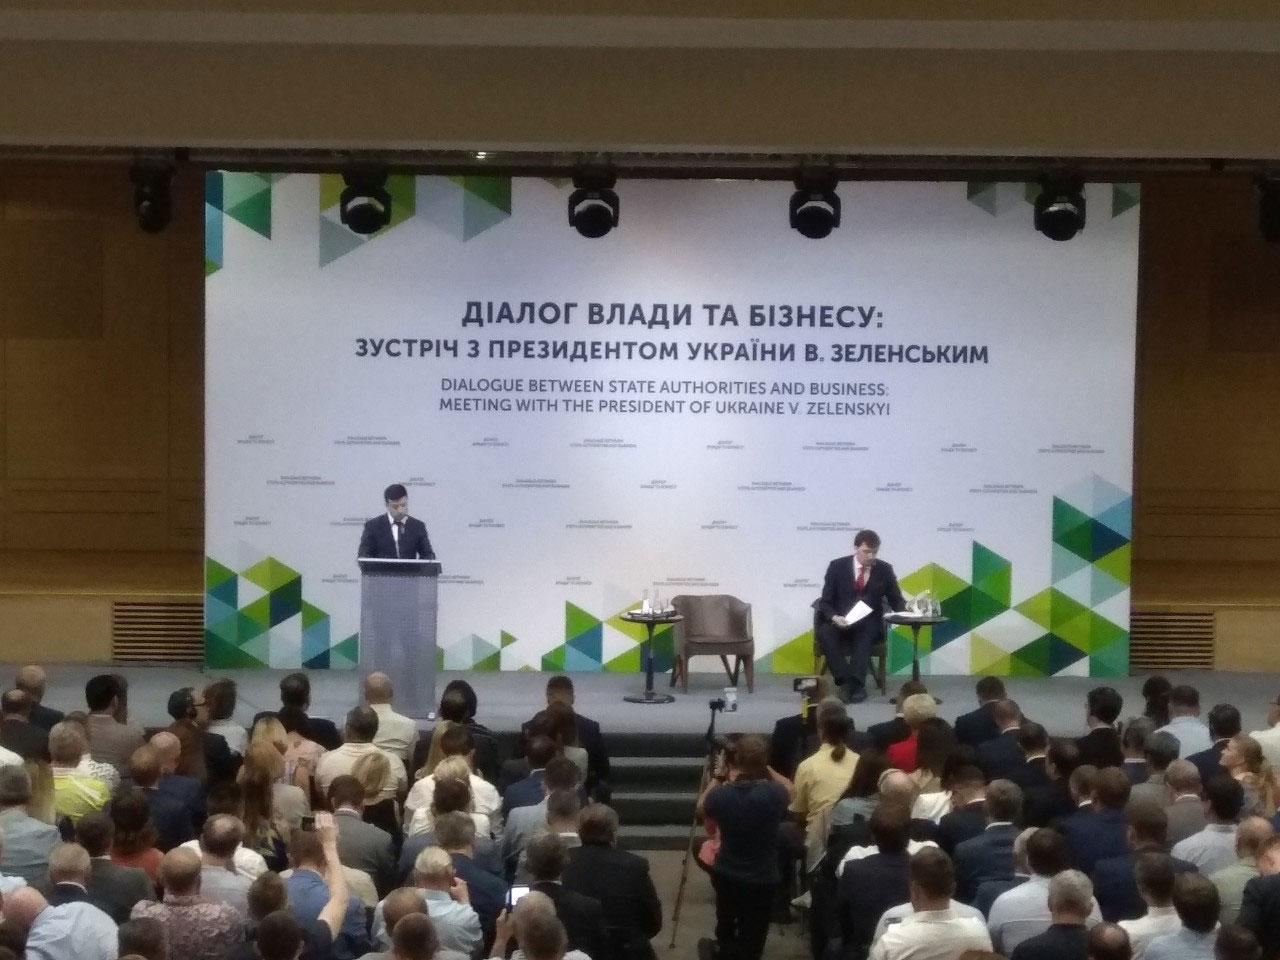 Баннер для конференции Диалог власти и бизнеса, услуга или аренда. Киев, Украина. Компания Эквиптайм